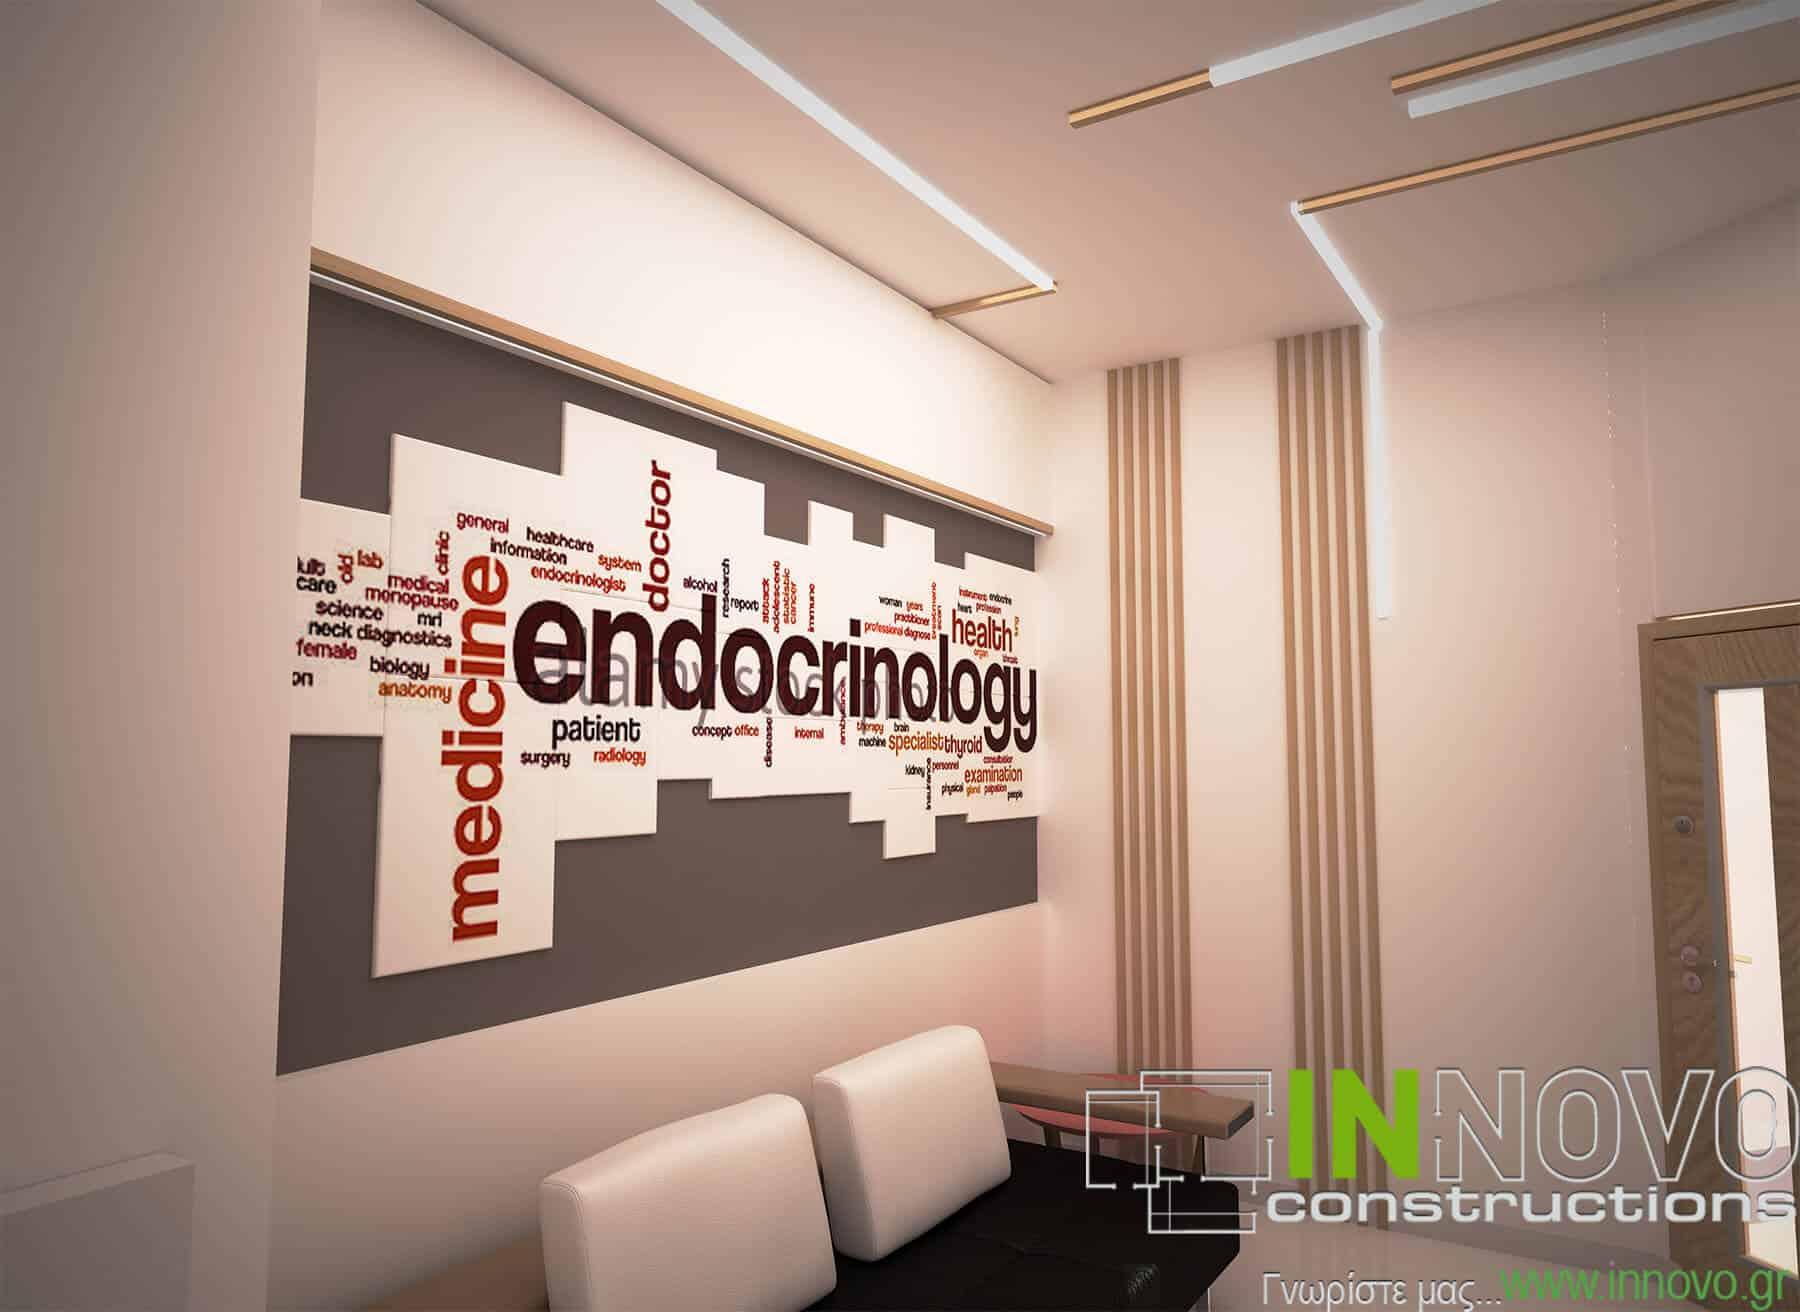 Μελέτη ανακαίνισης Ενδοκρινολογικού ιατρείου στη Ναύπακτο